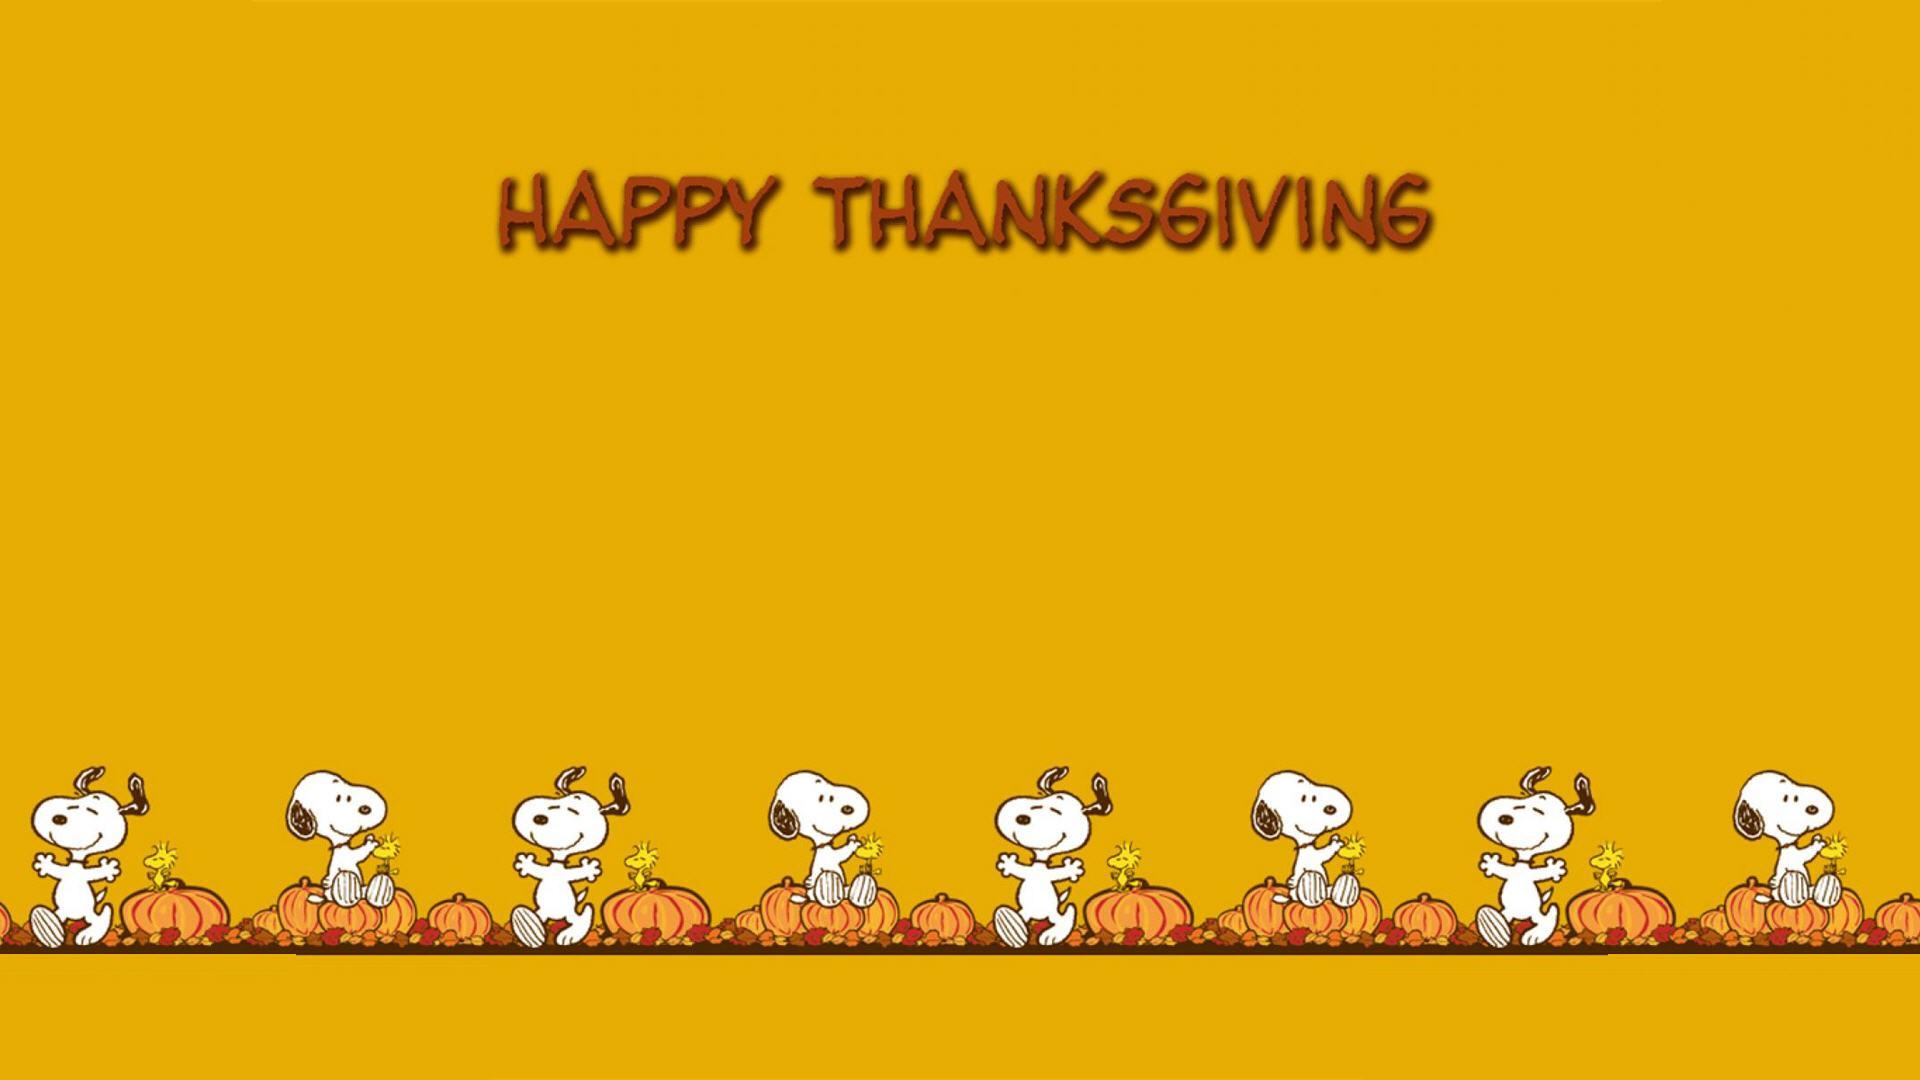 48+] Thanksgiving Wallpaper for Desktop ...